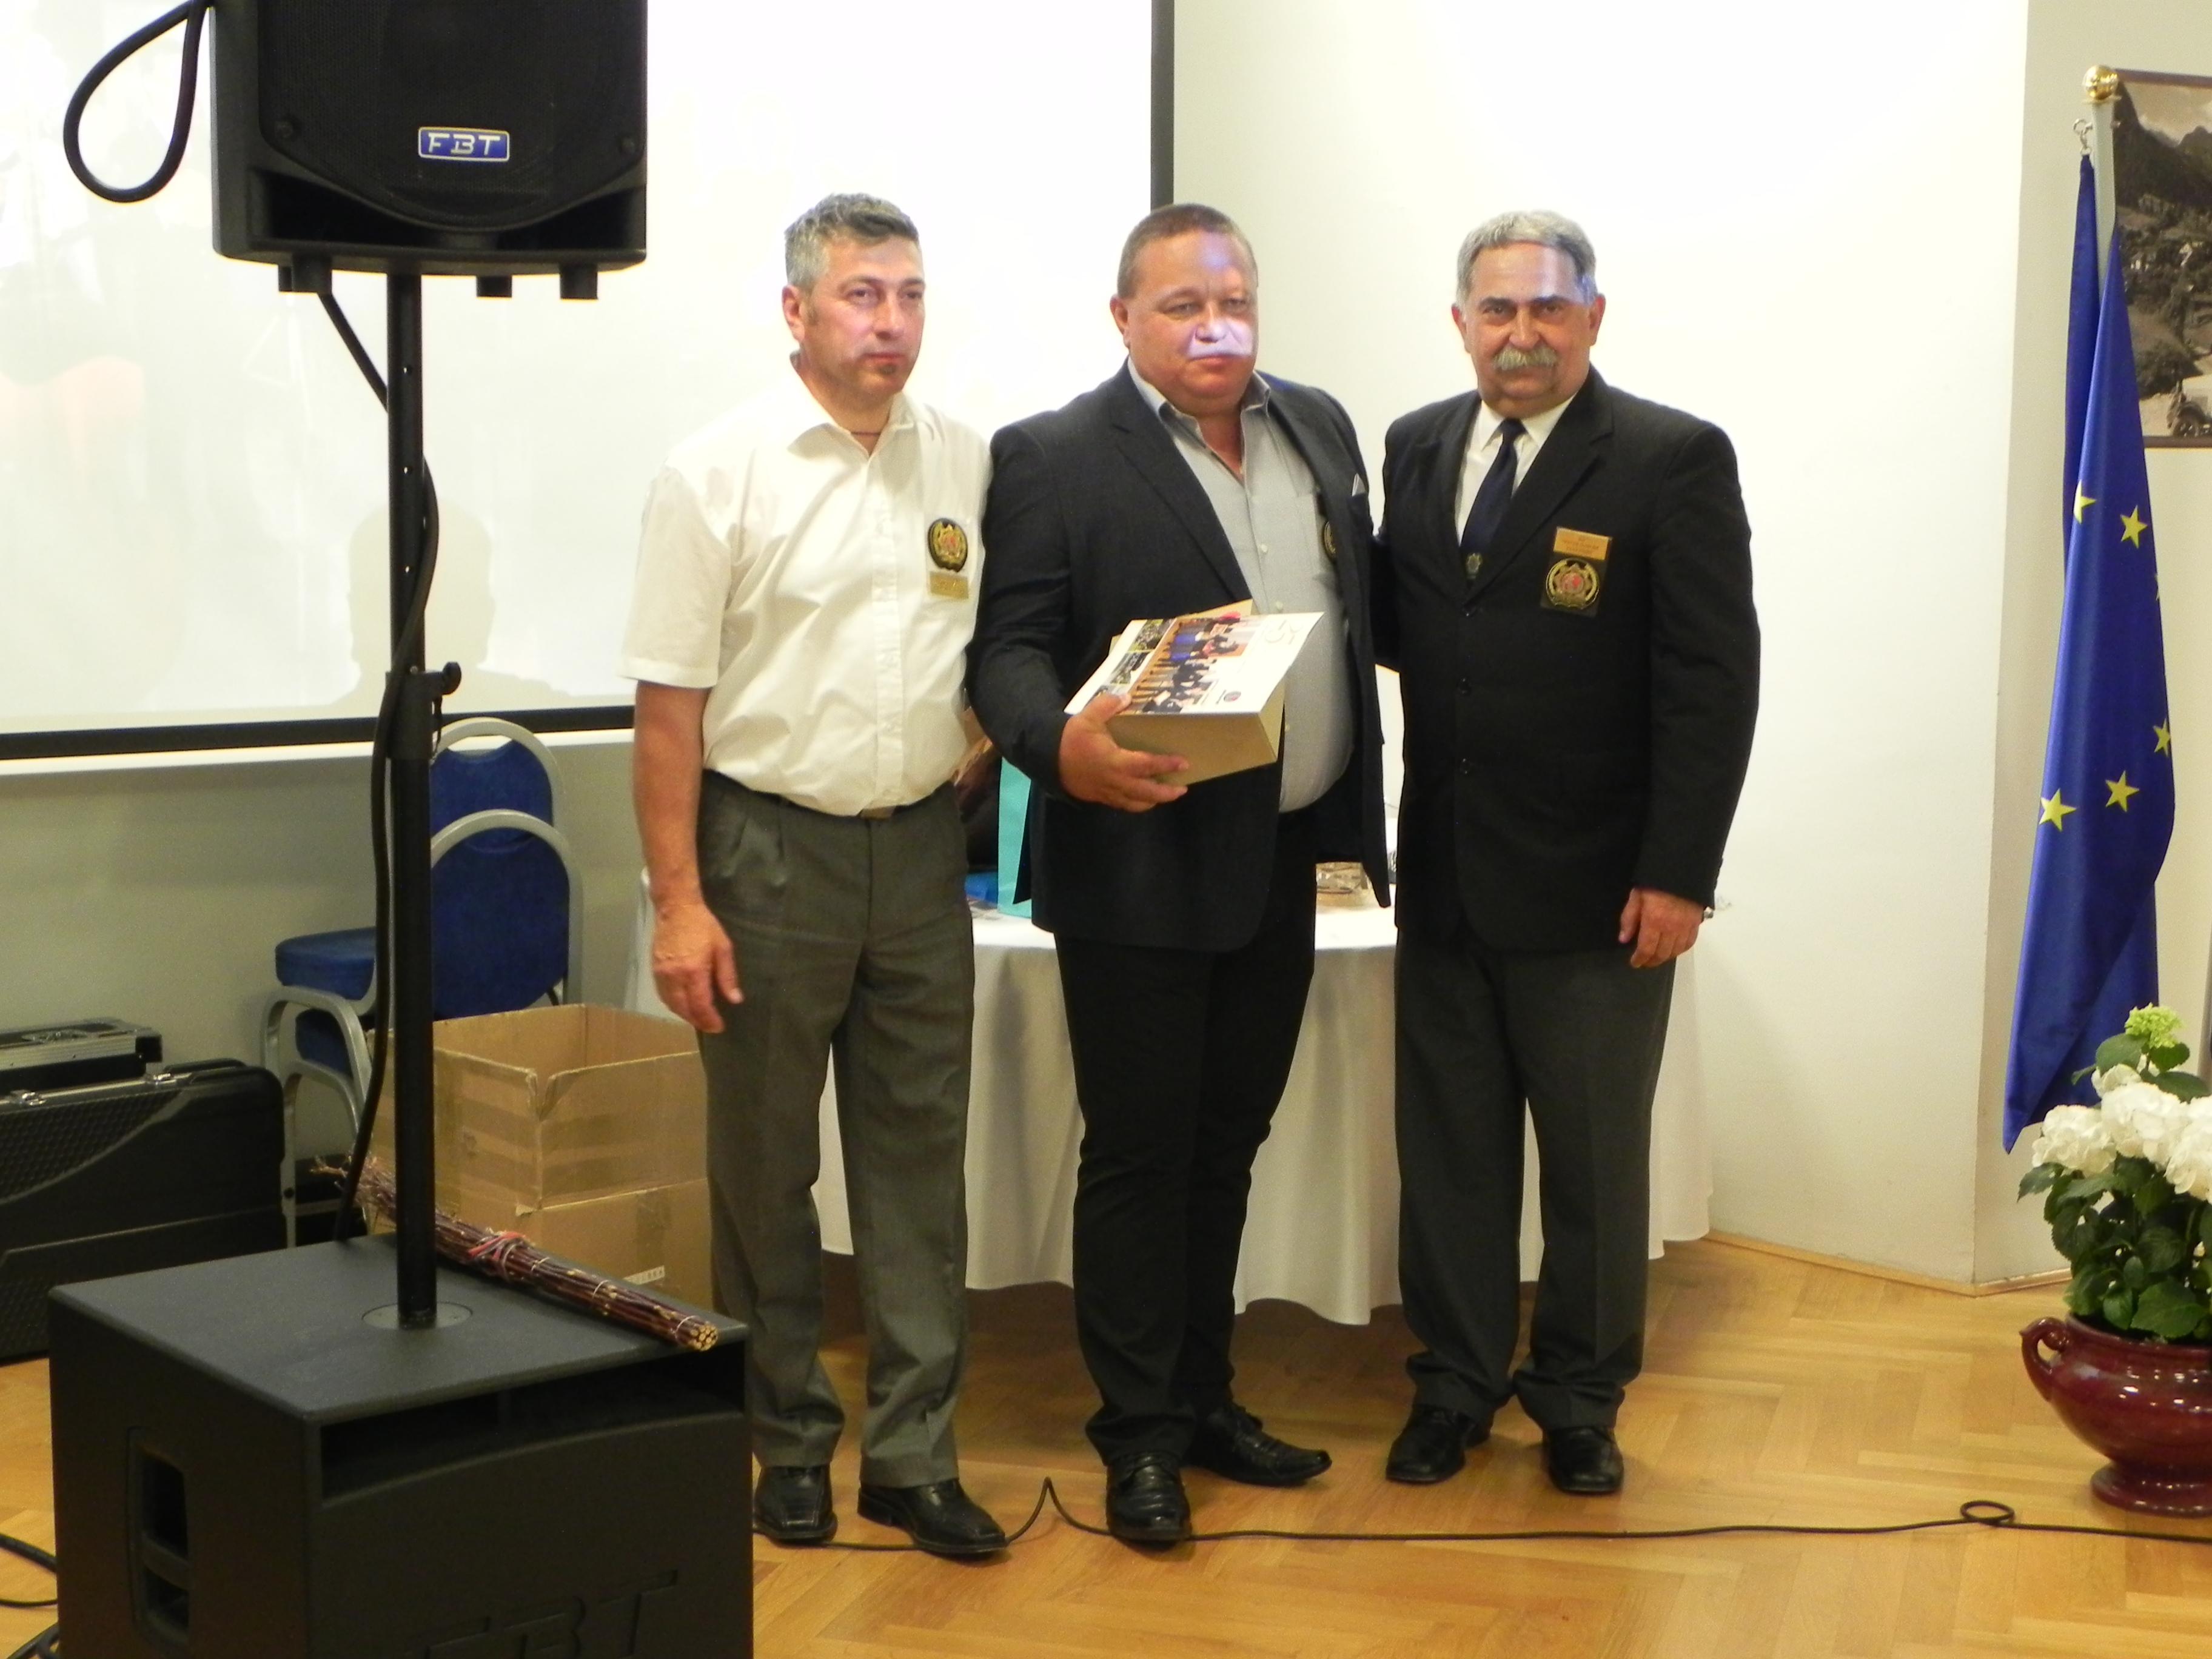 Z gorenjskimi kolegi obeležili njihovo 25. obletnico